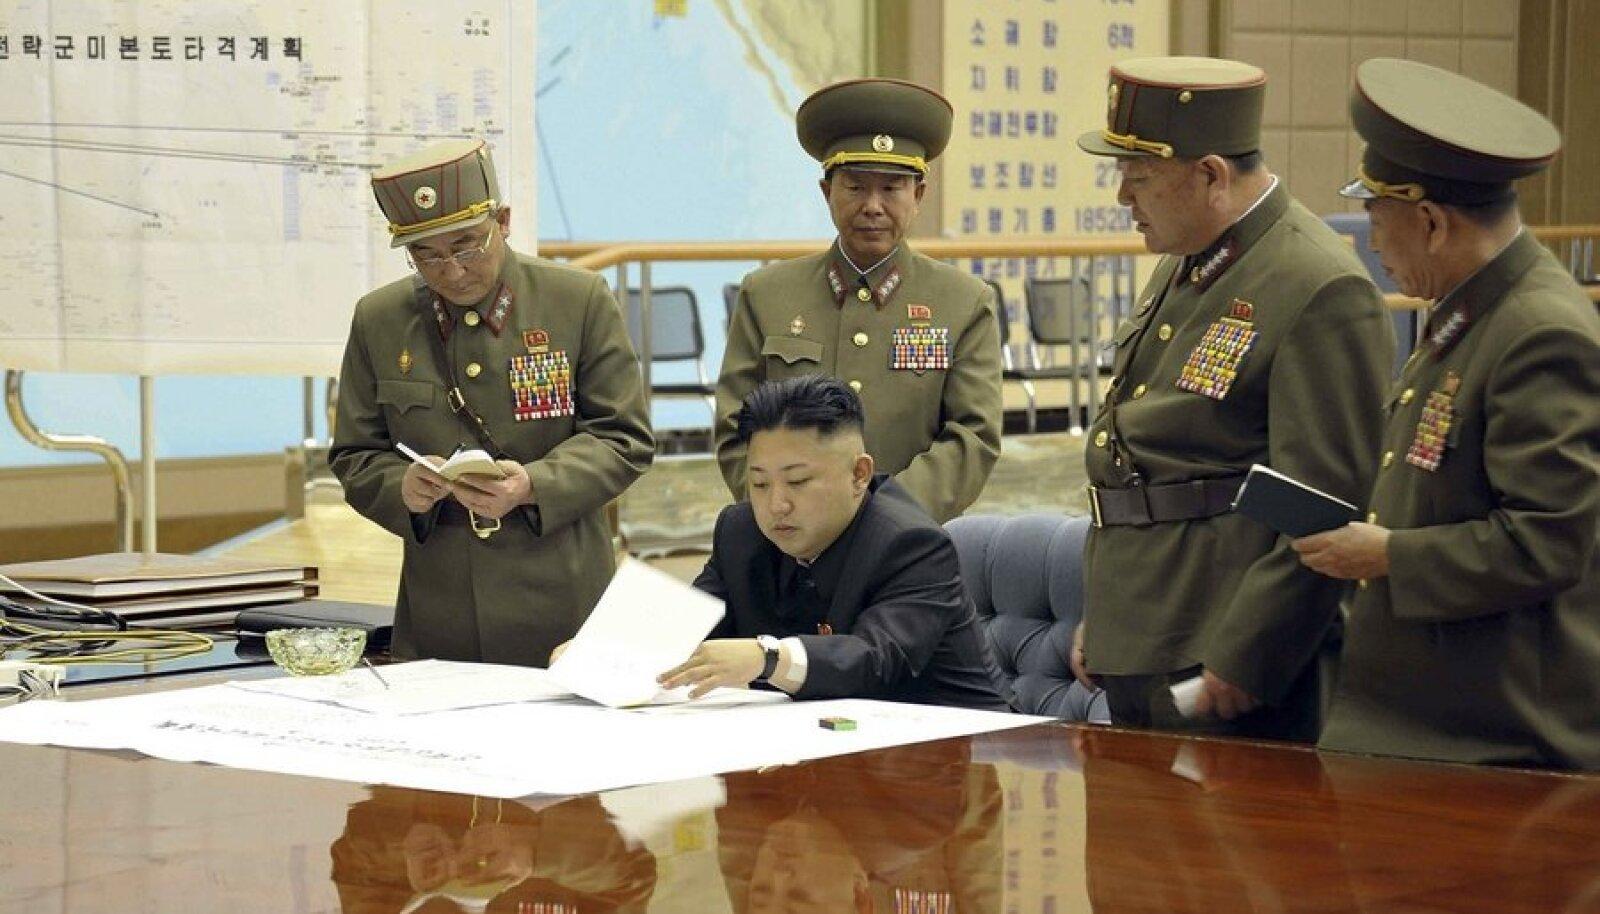 Põhja-Korea rünnakuplaan (üleval vasakul)